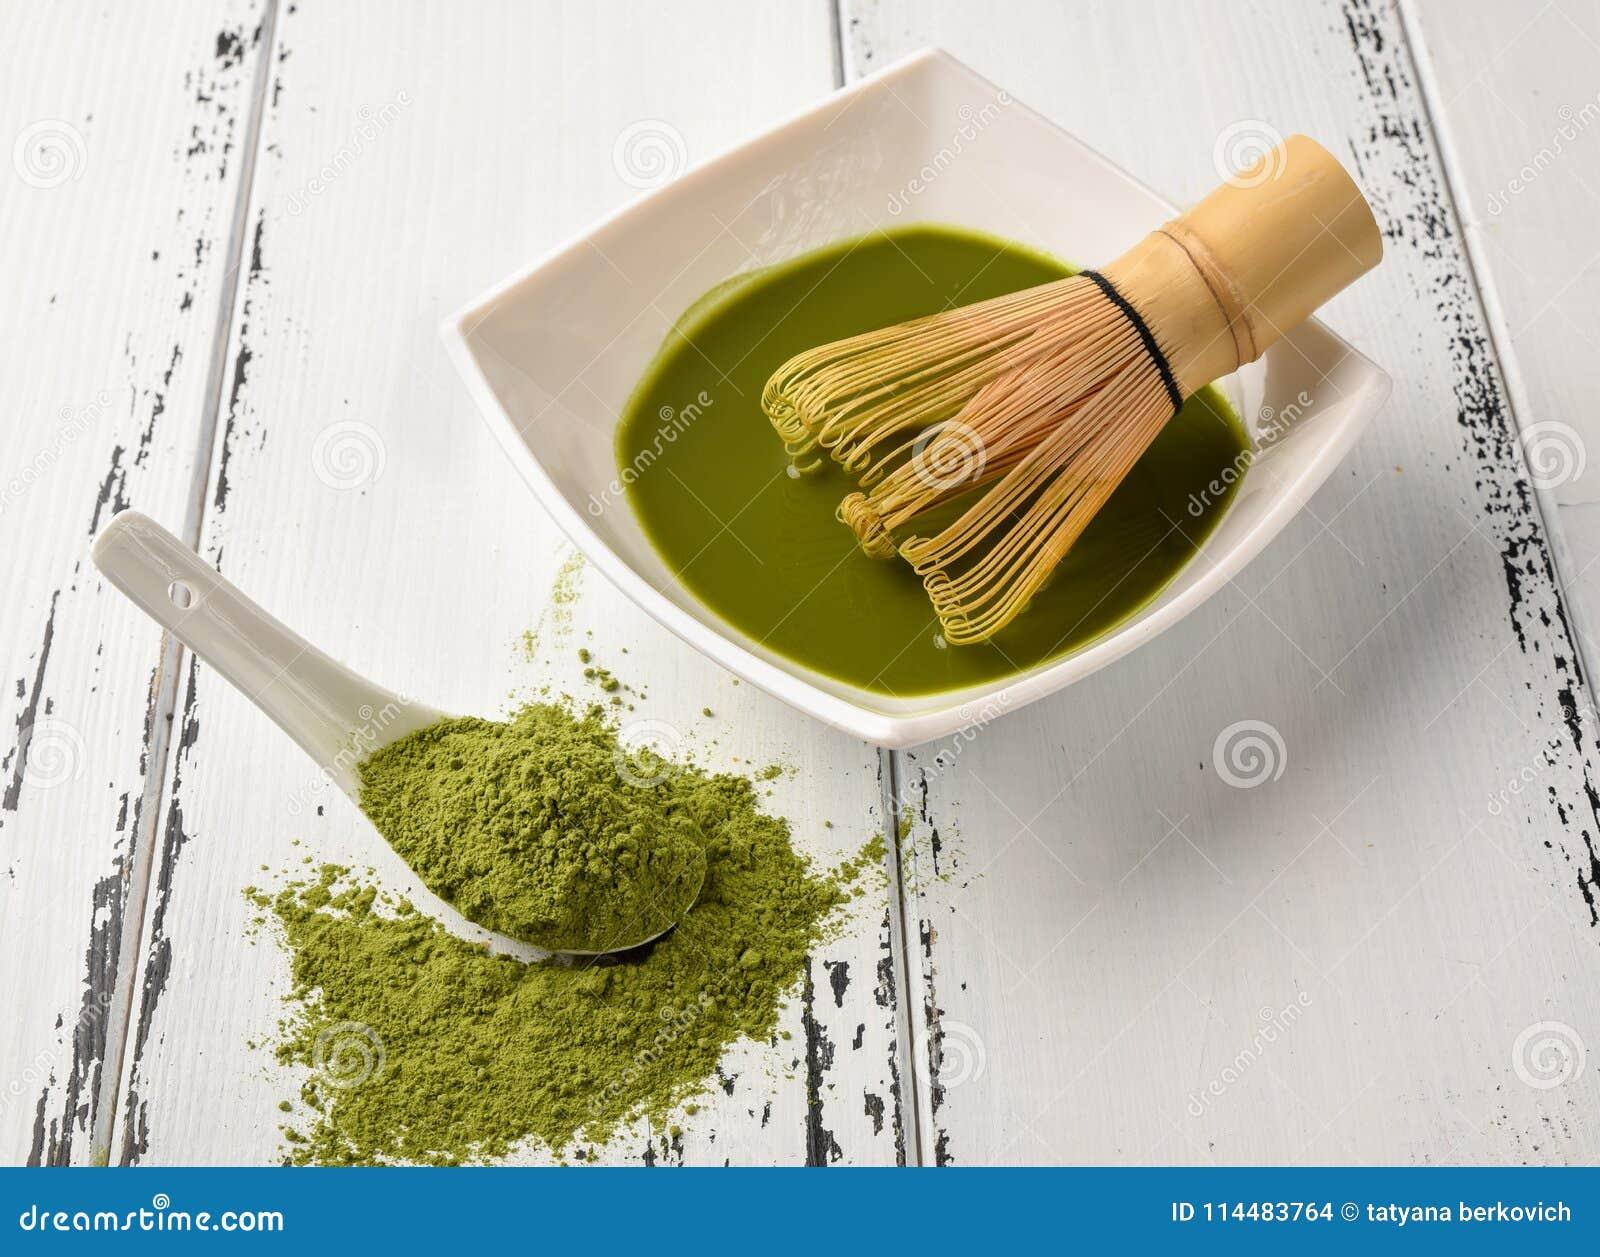 茶比赛的准备:滚保龄球与扫和茶杯,绿茶在一把白色陶瓷匙子的比赛粉末